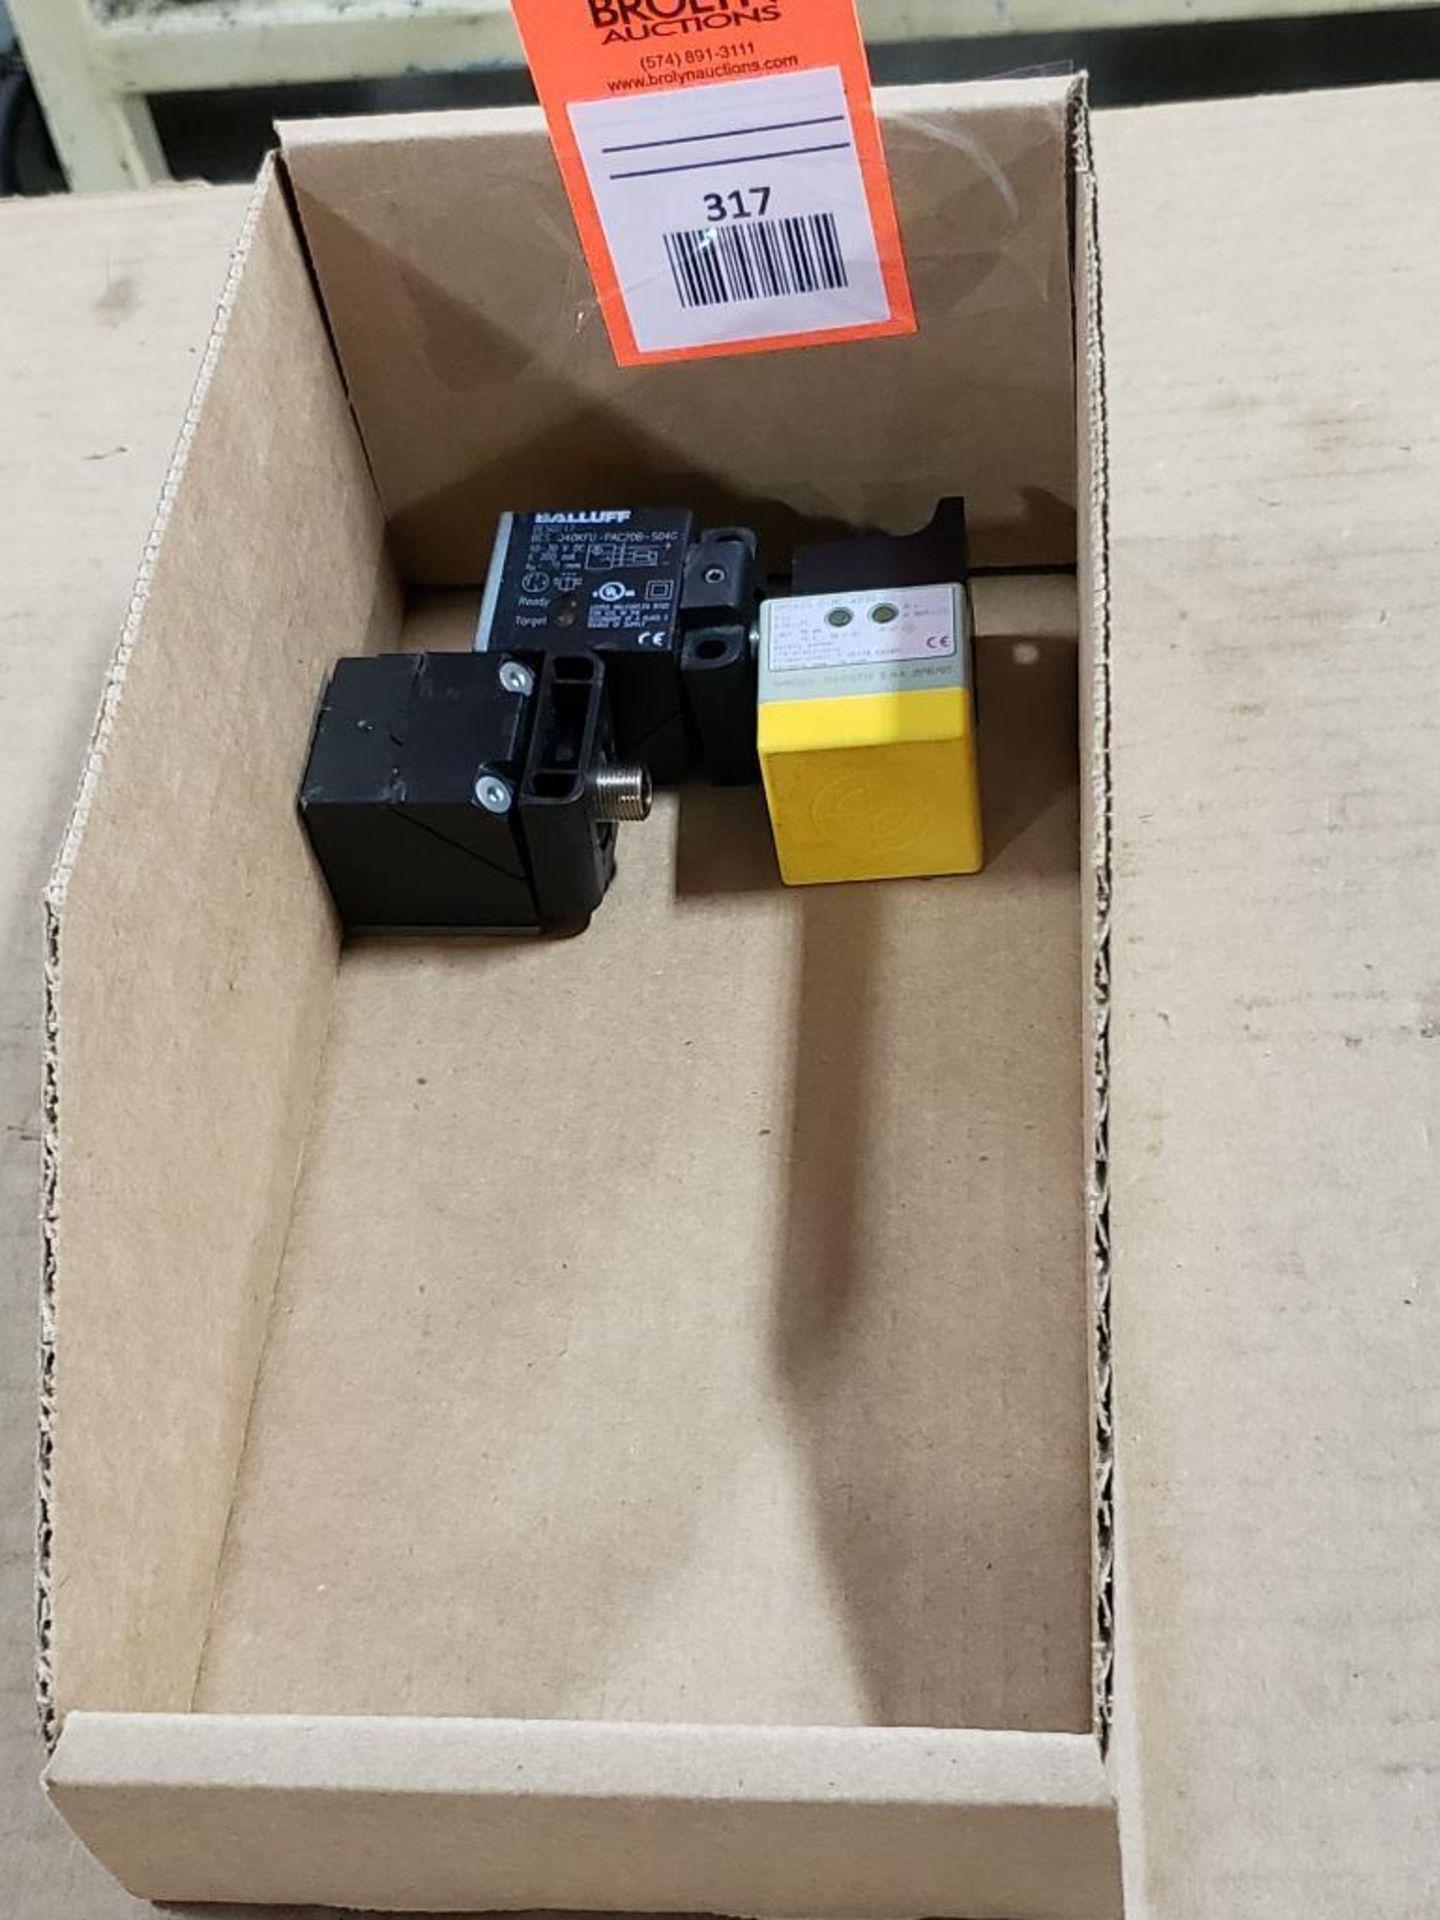 Qty 3 - Assorted electrical sensor. Balluff, IFM.